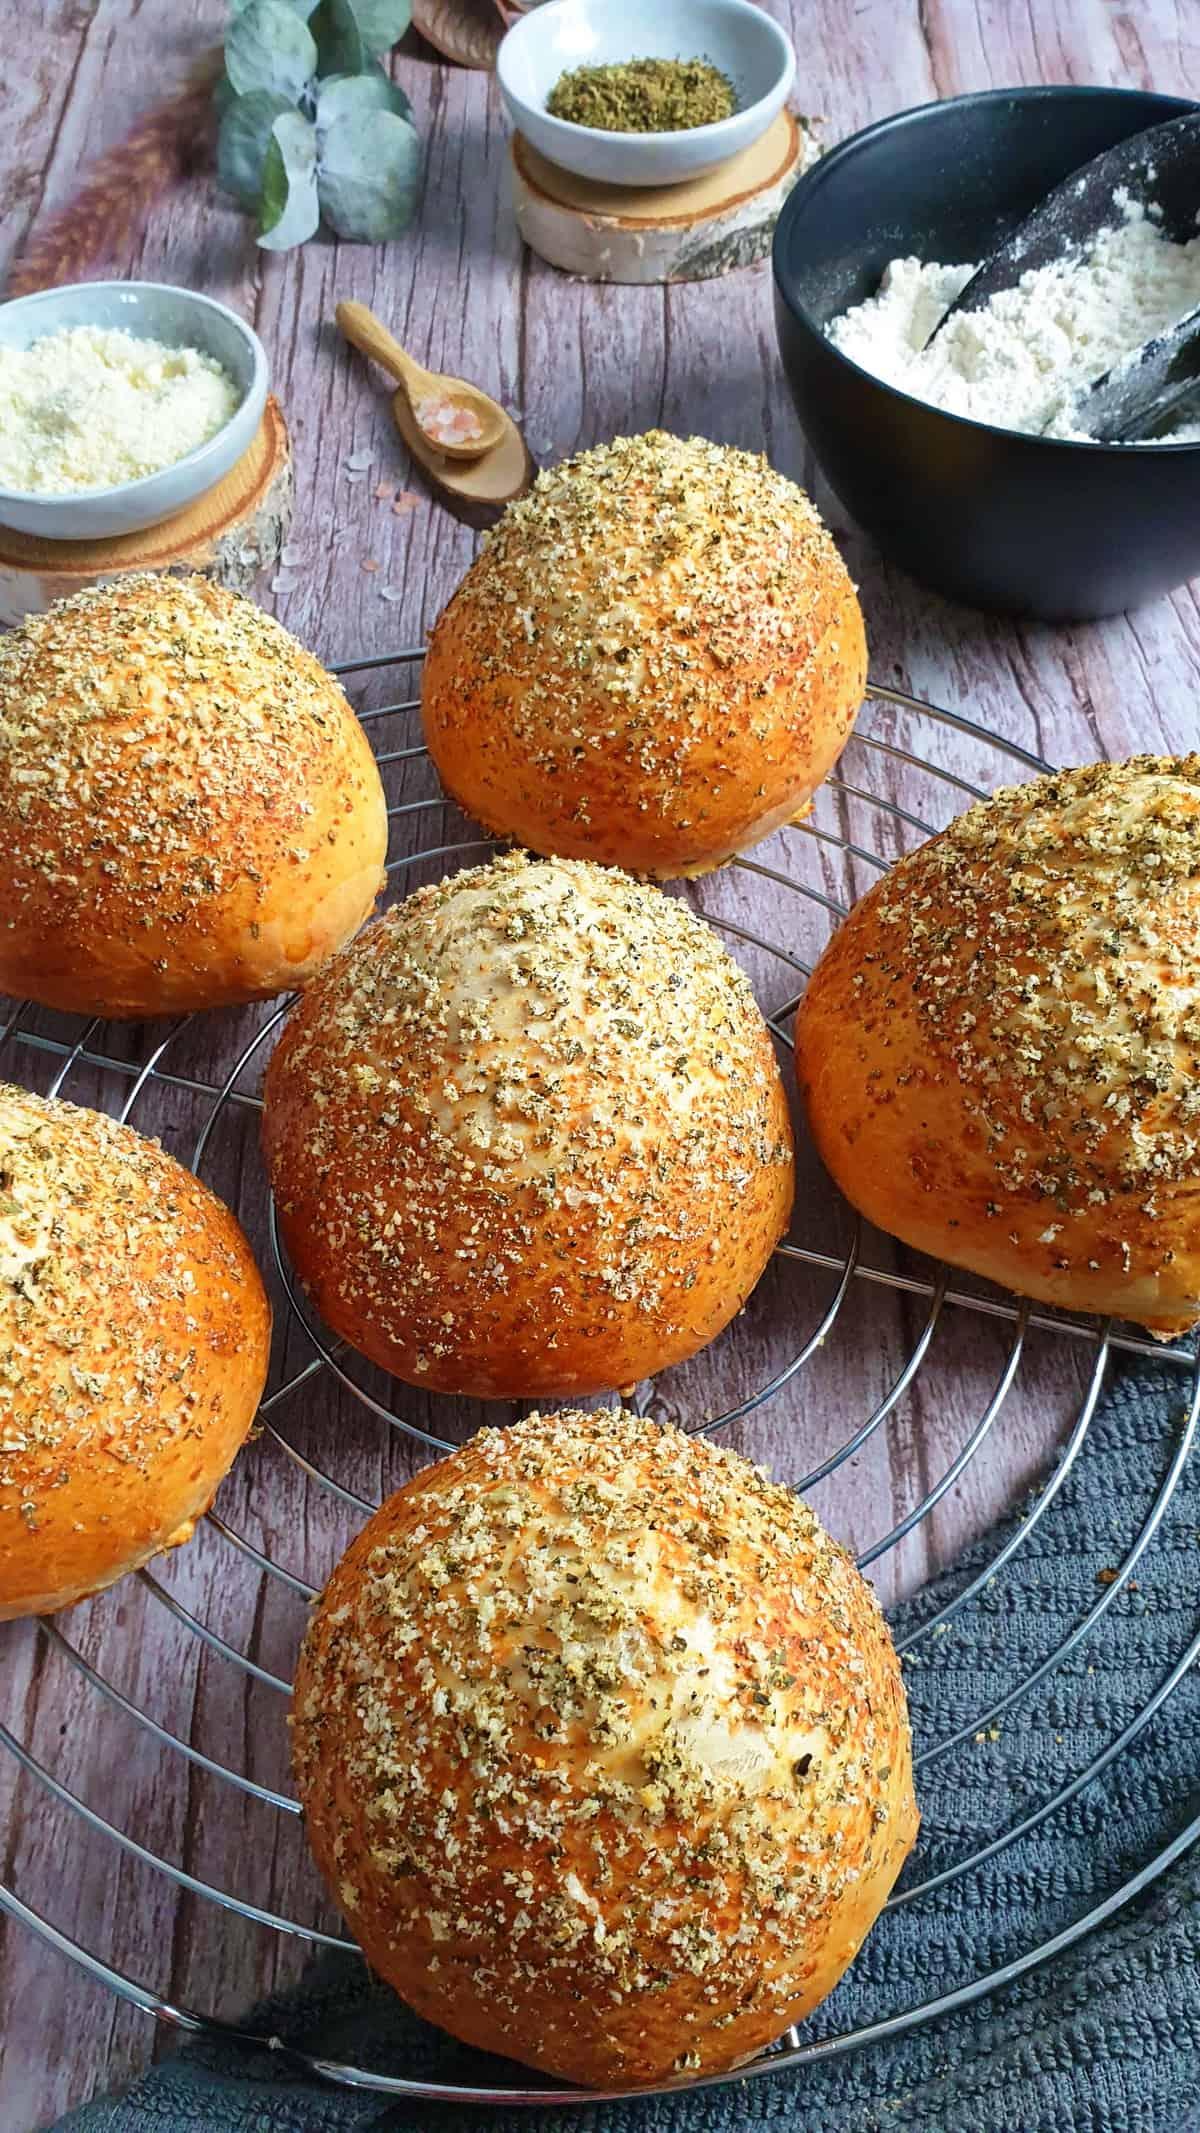 Auf einem Kuchengitter selbstgebackene Burger Brötchen mit Parmesan und Oregano Kruste. Im Hintergrund Deko.